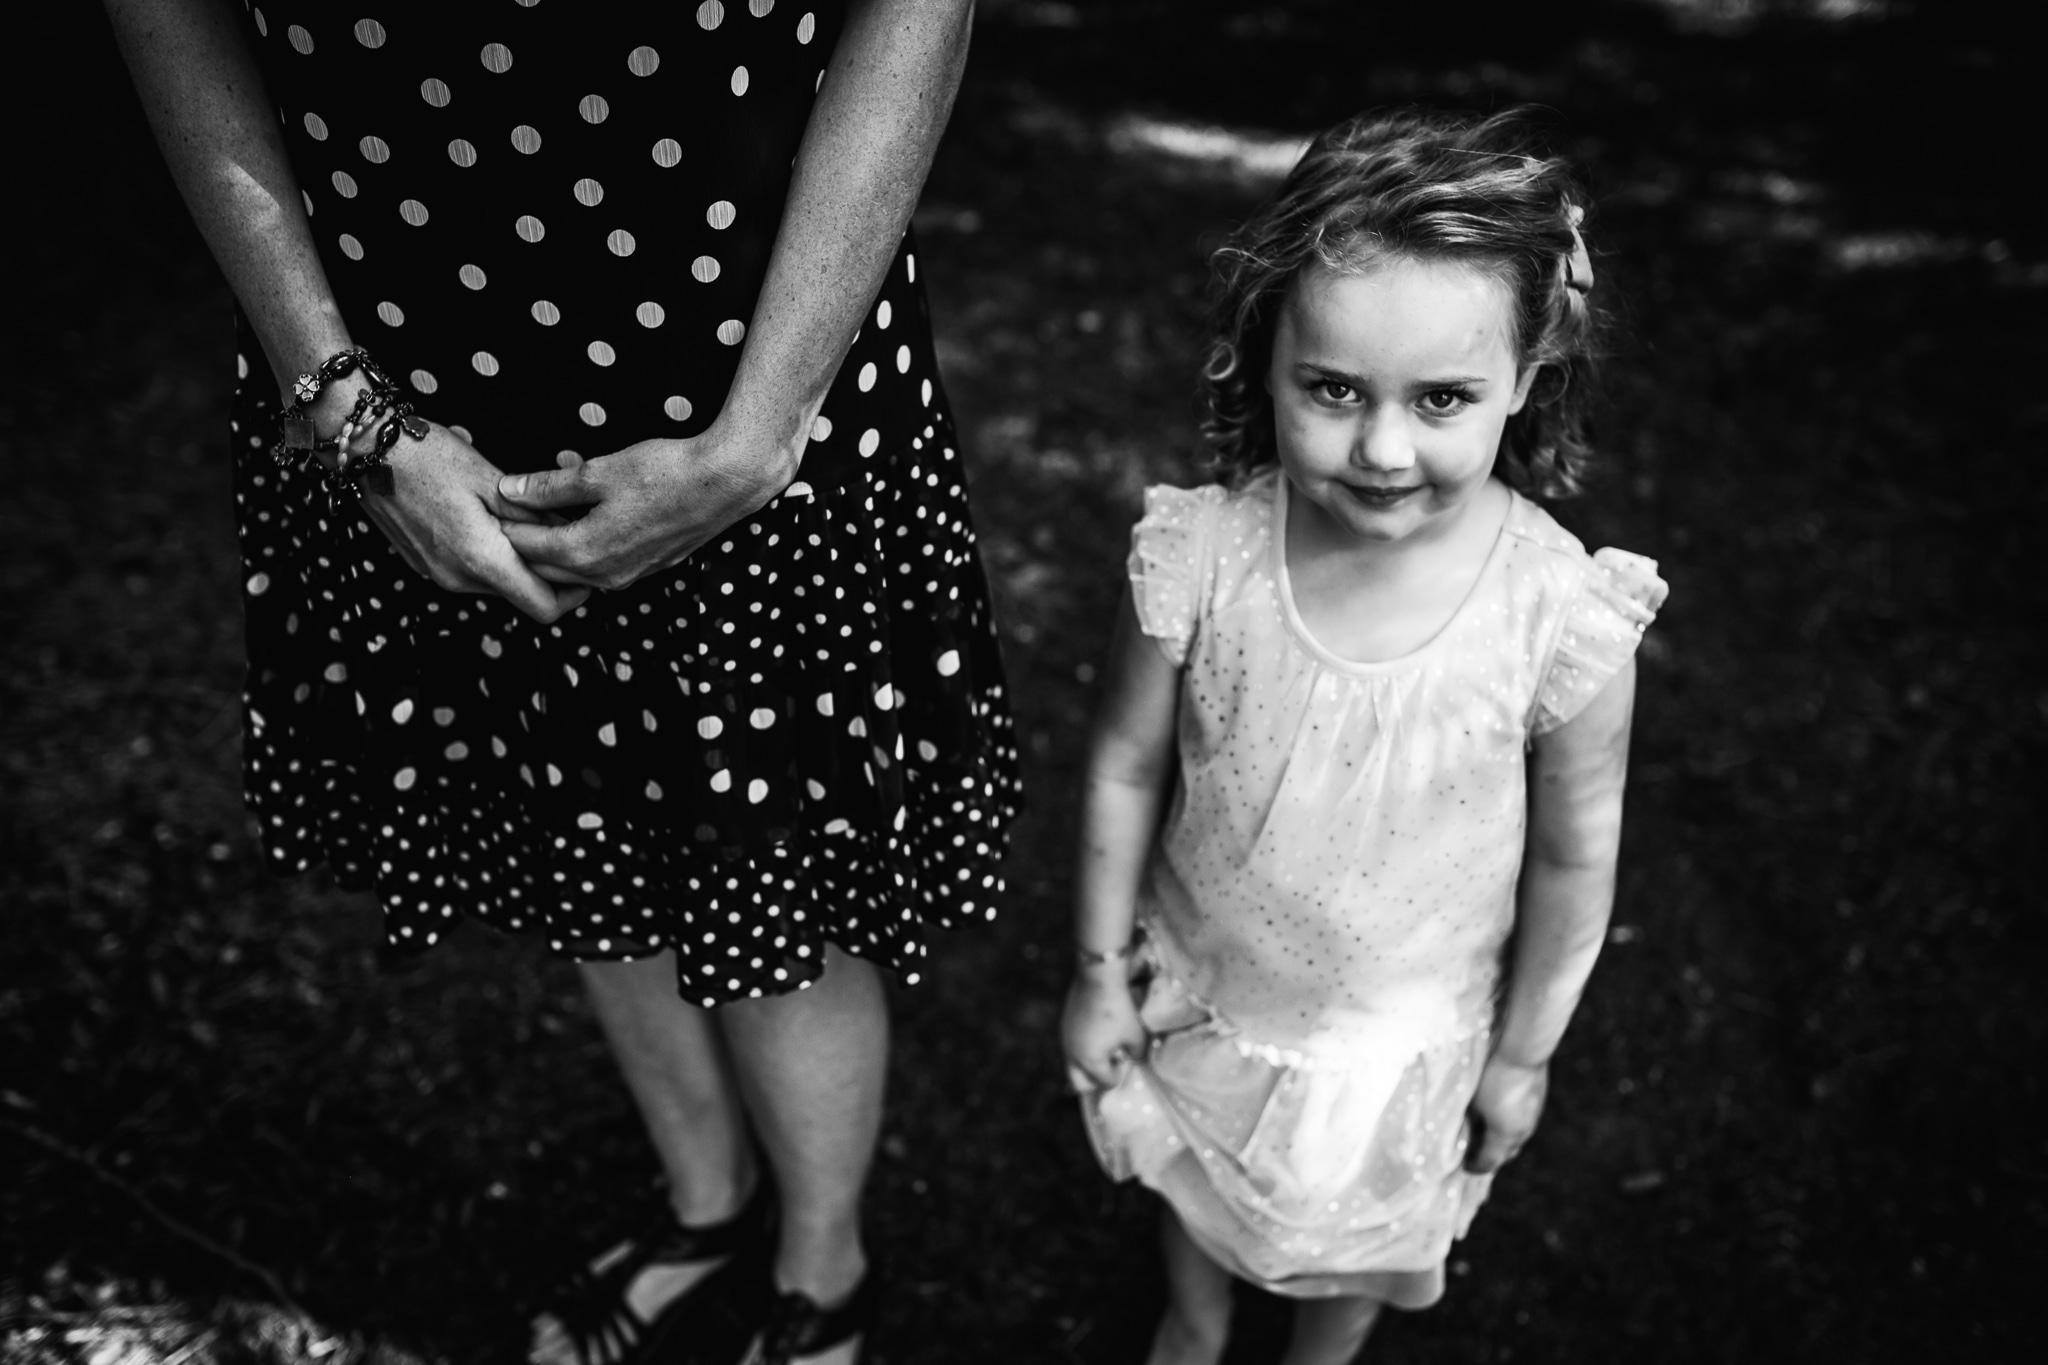 Alina-Joy-Photography-Cold-Lake-Lifestyle-Photographer-89.jpg